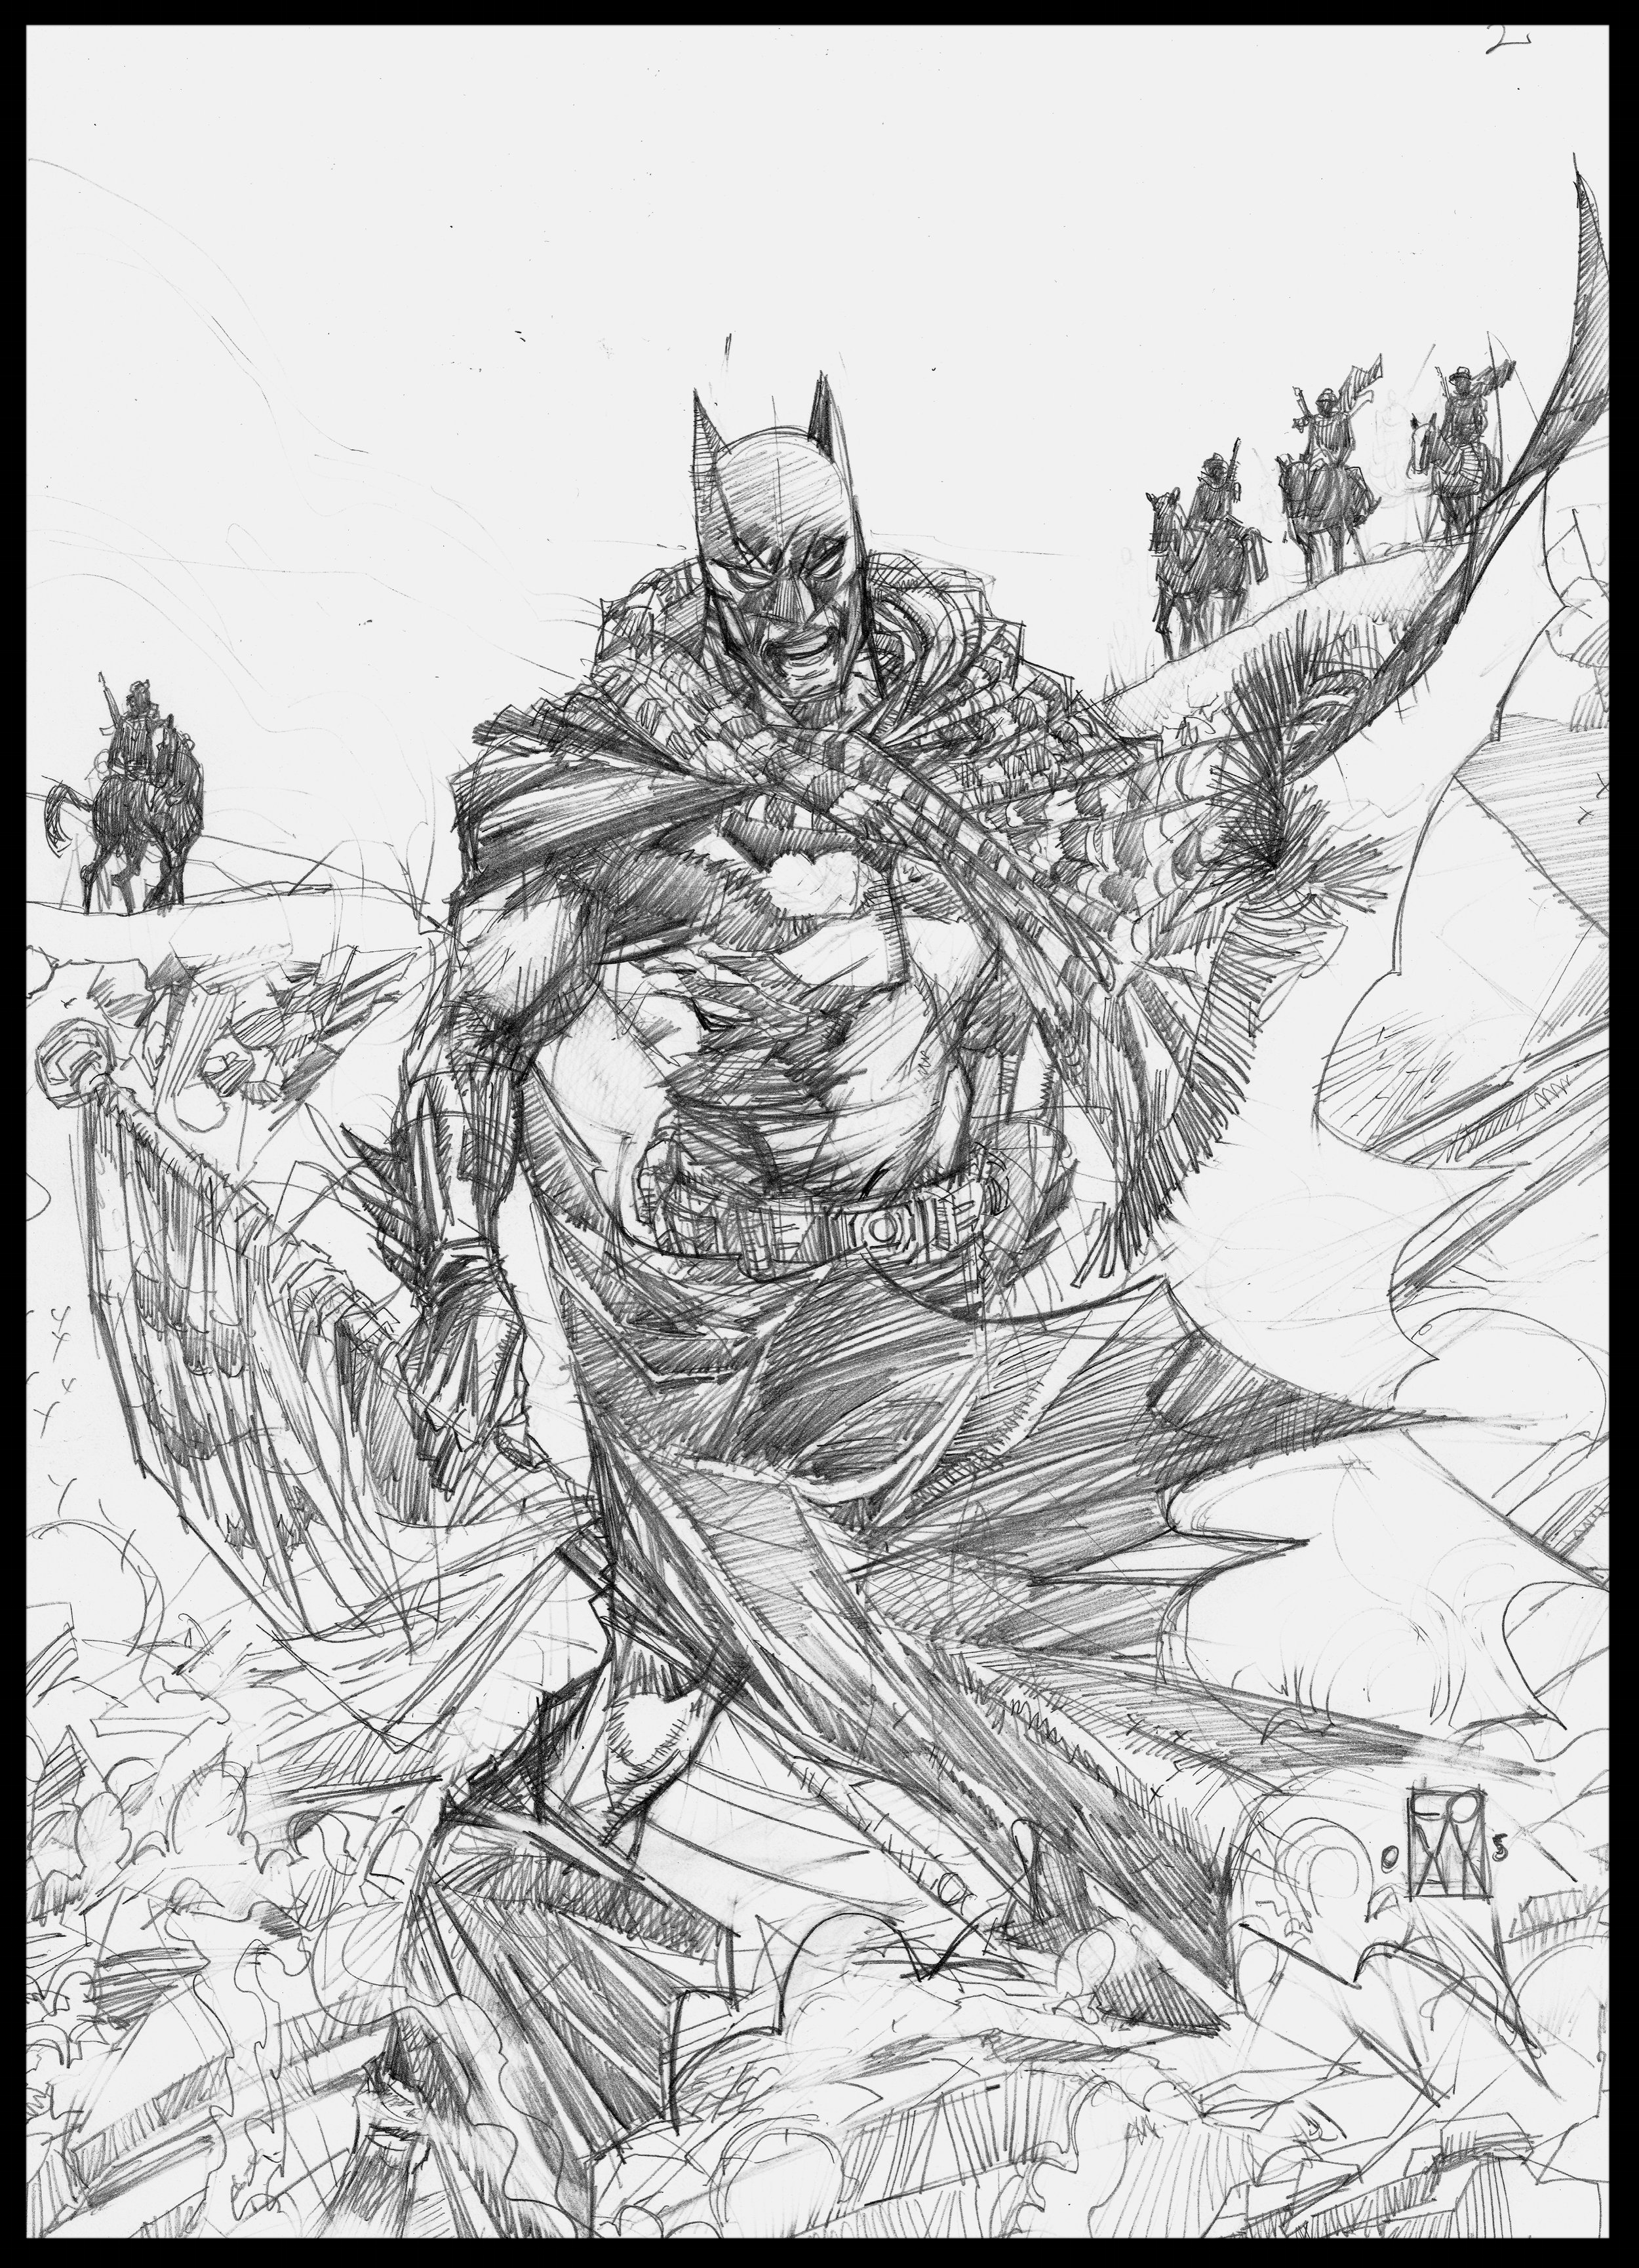 Batman: Ducard's War (unpublished) - Cover (detail) - Pencils